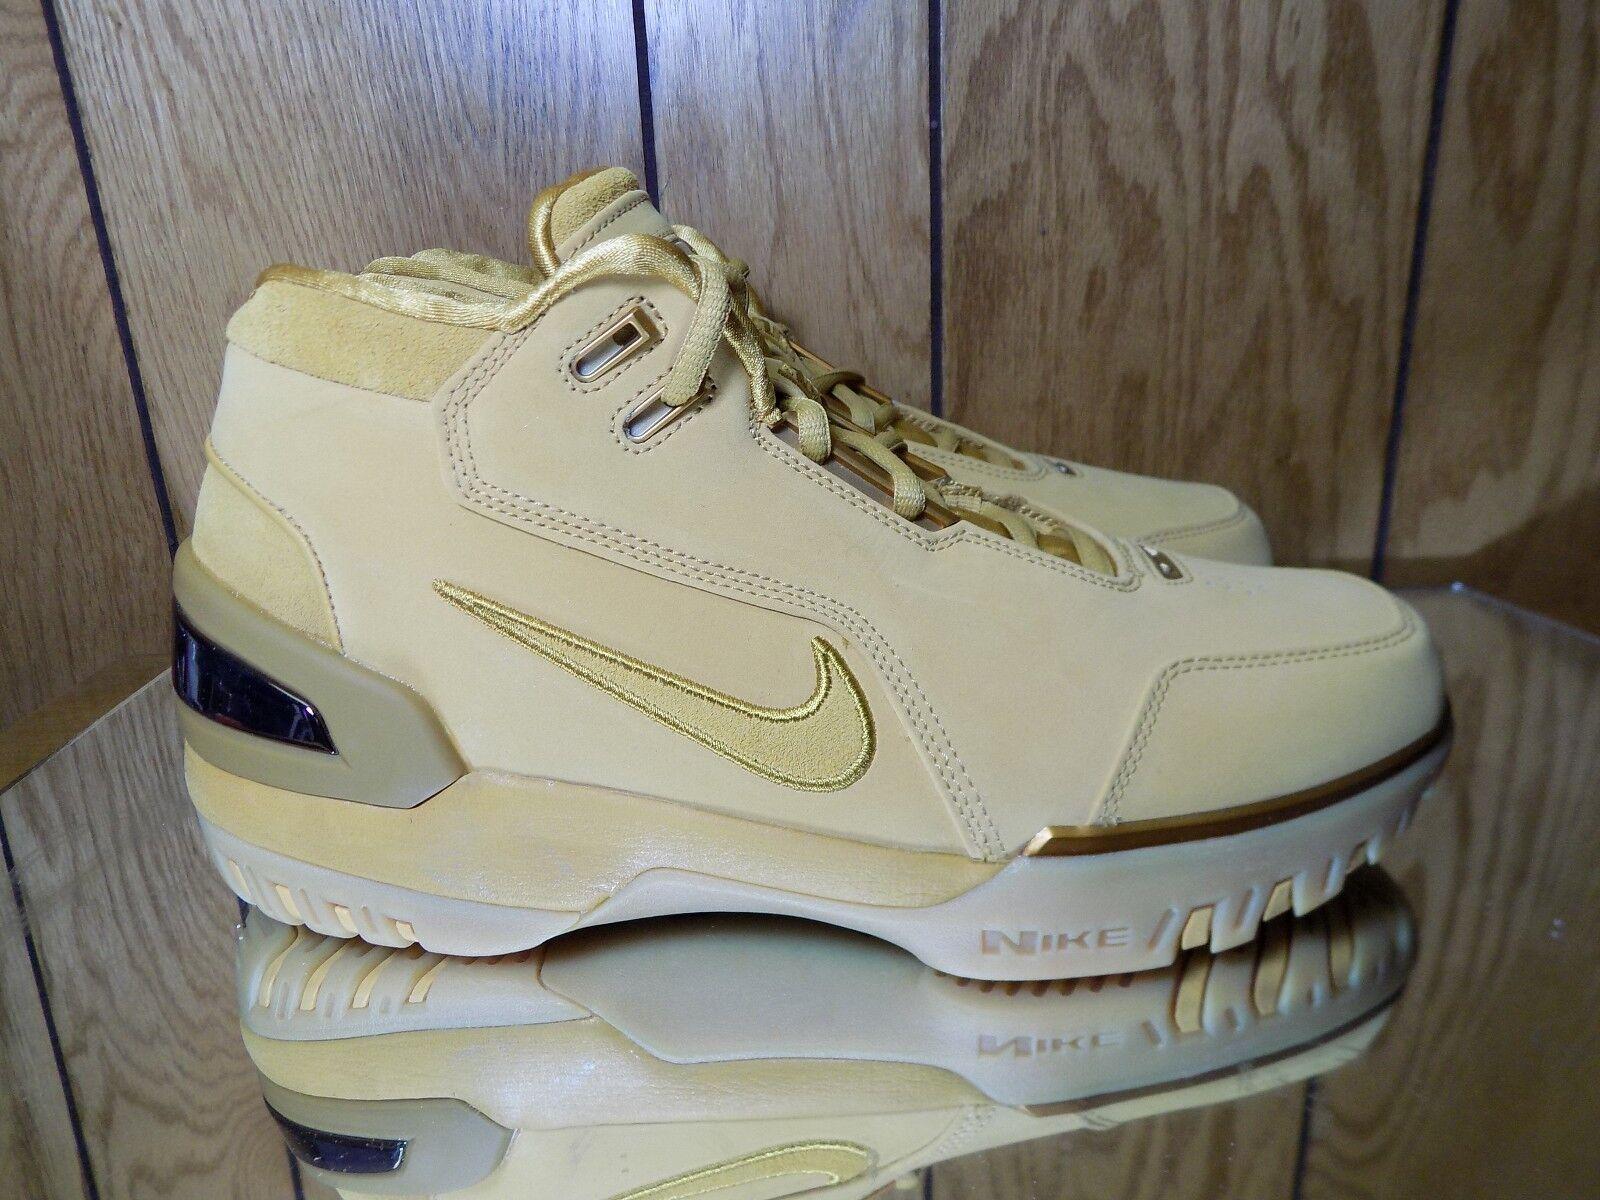 Nike LeBron Air Zoom generación retro LeBron Nike trigo / oro aq0110 700 Precio reducción salvaje Casual Shoes bcdb67